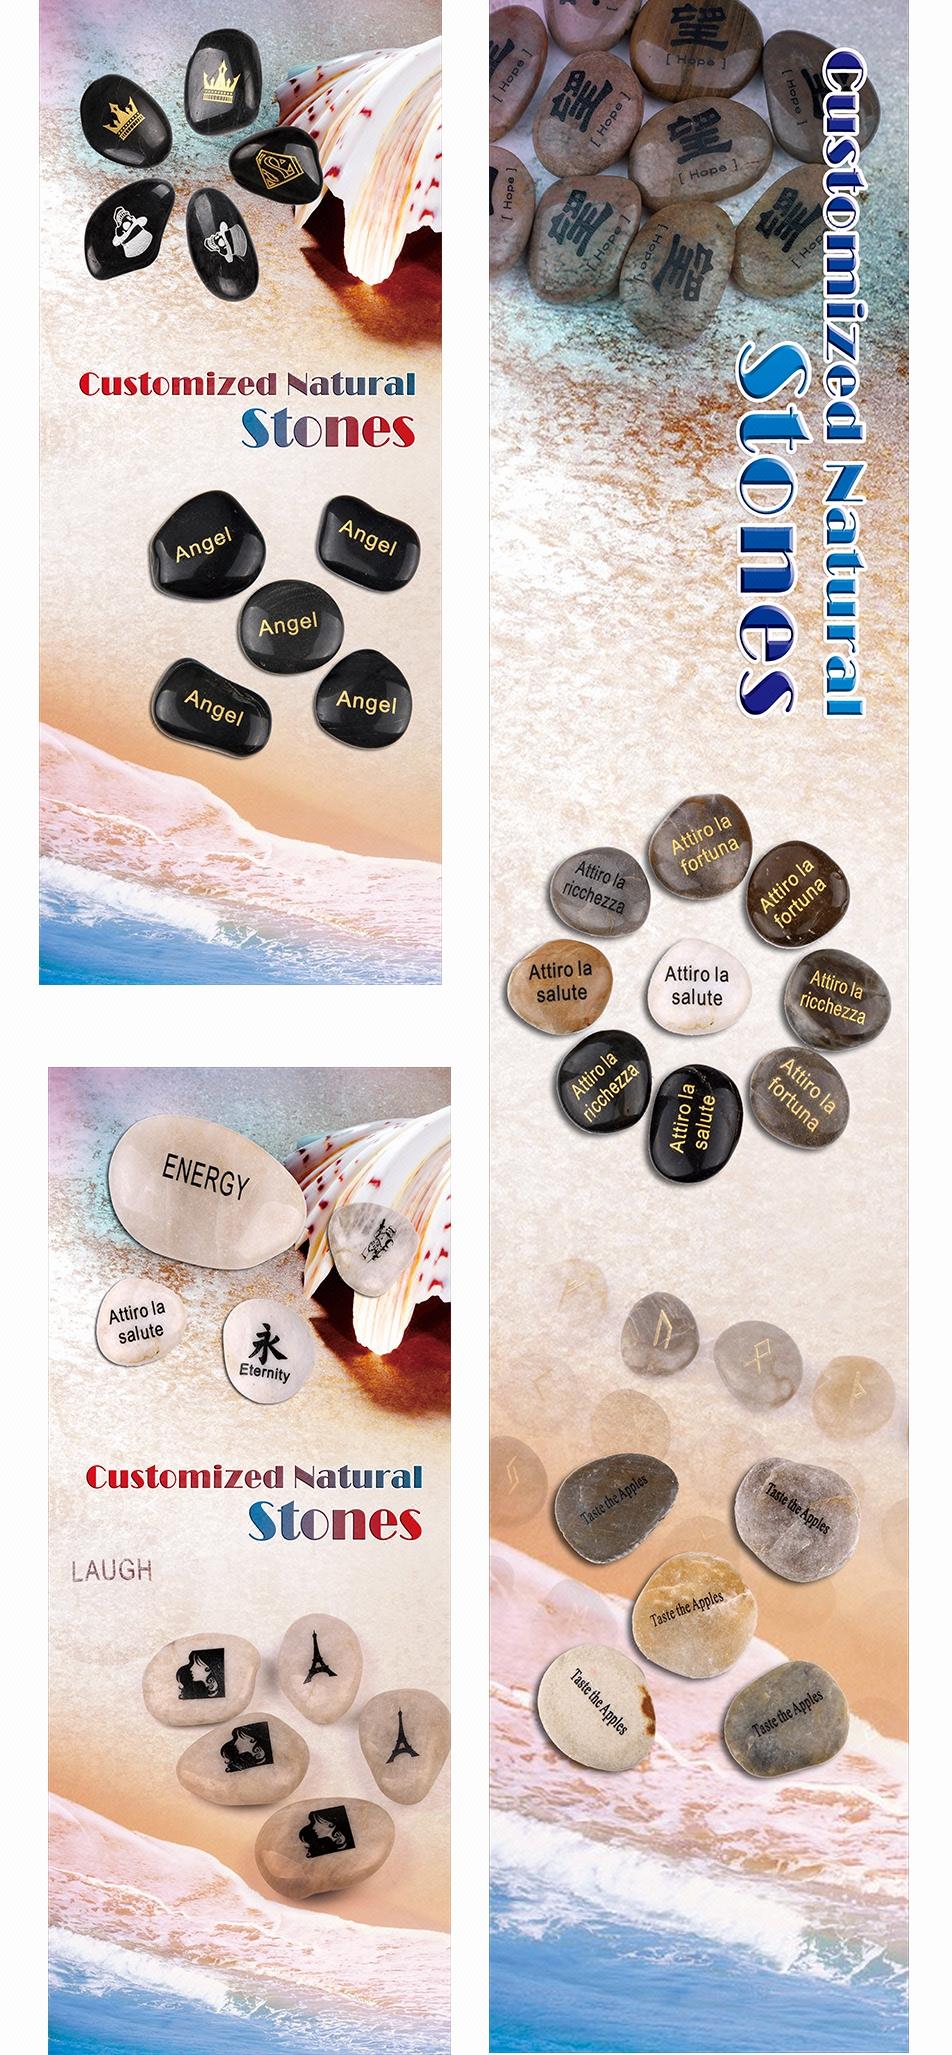 易拉宝 展架设计,广告设计,宣传品设计,海报设计,喷绘设计